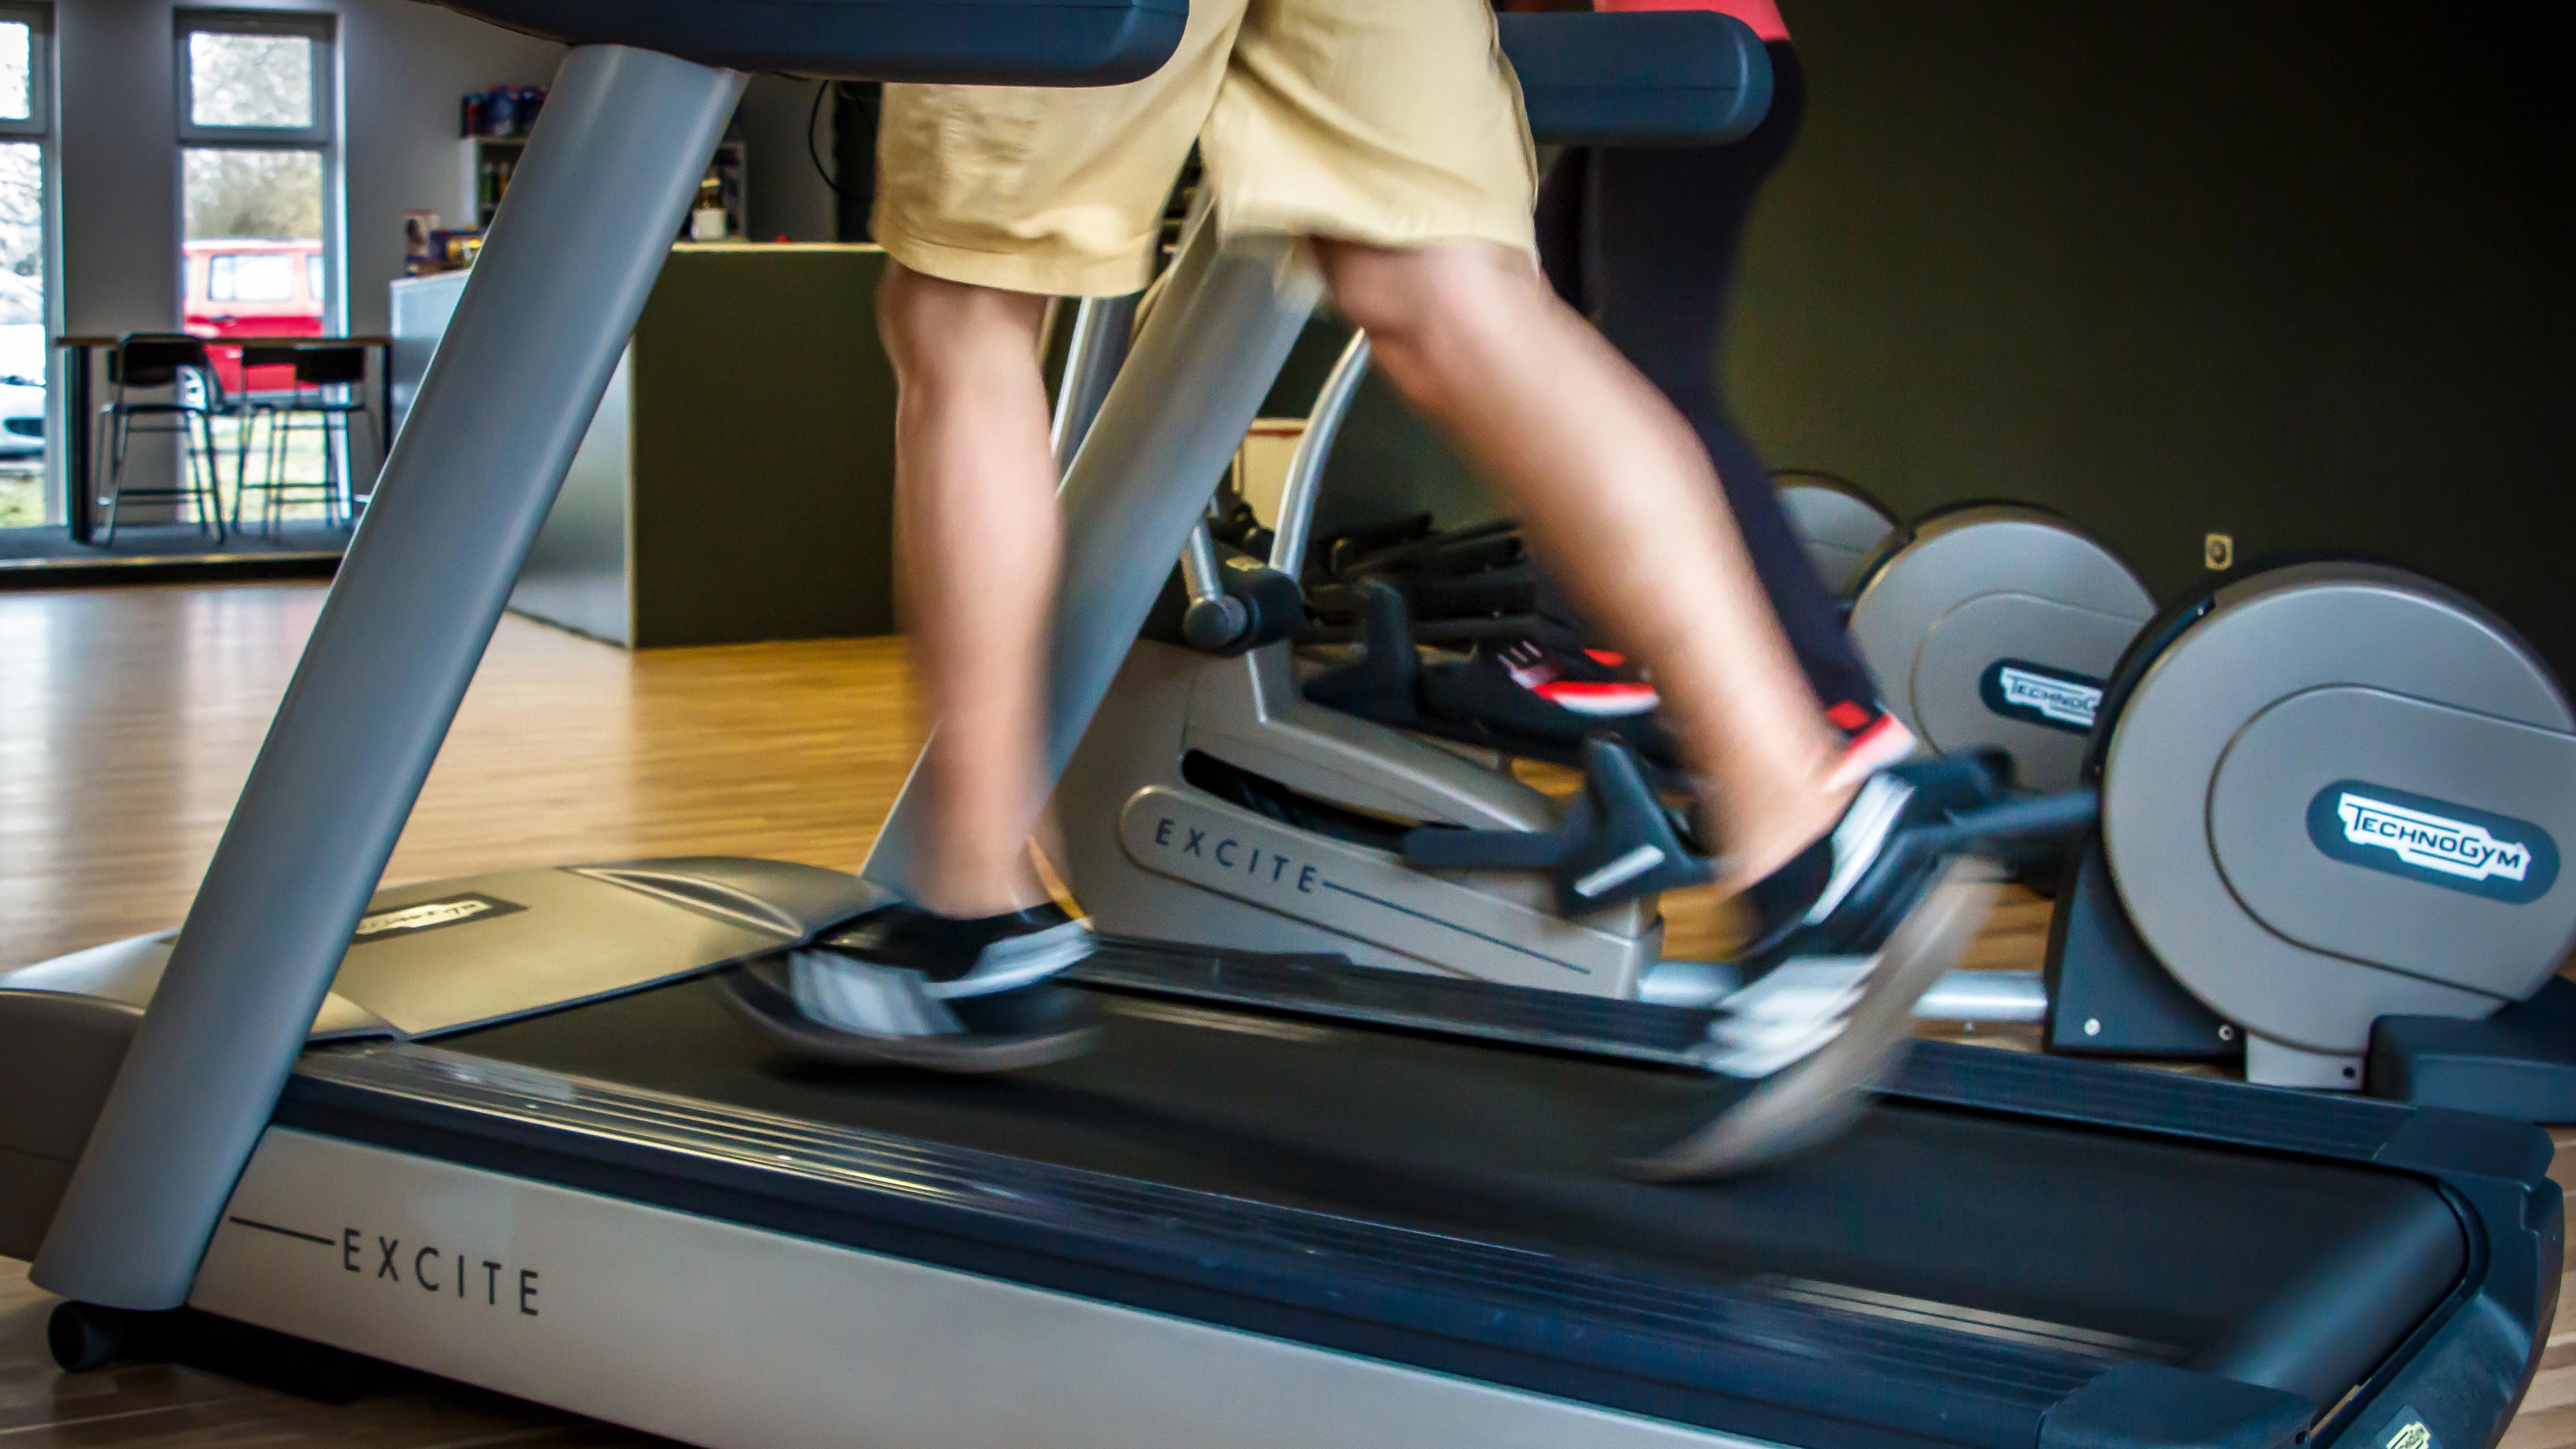 Интенсивные упражнения могут отсрочить прогрессирование рака простаты